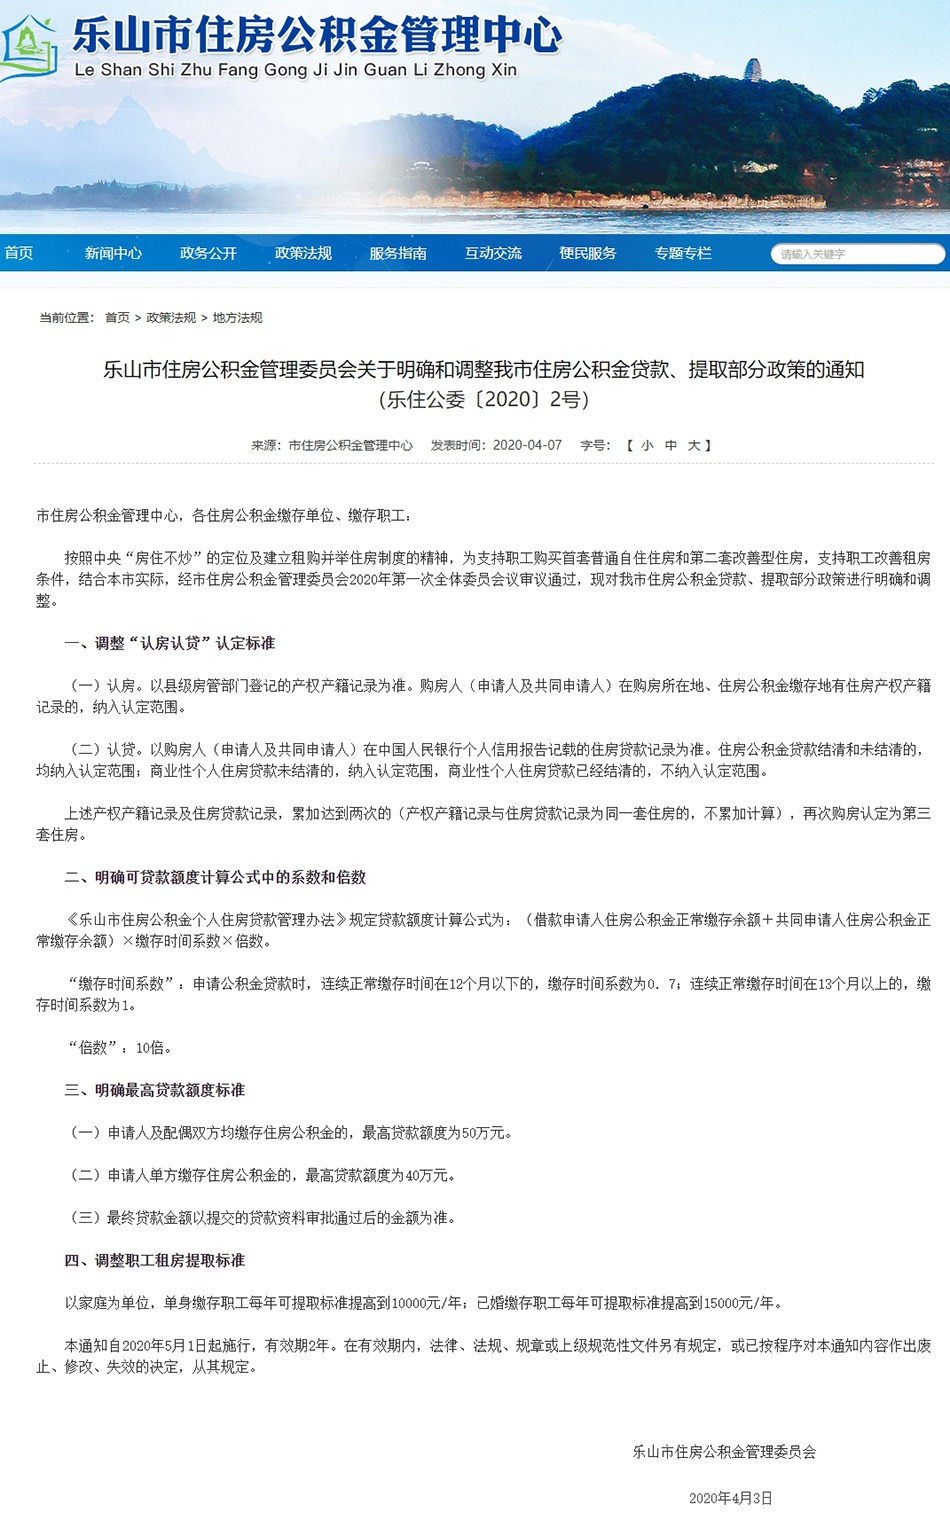 蓝冠官网整商业贷款还清后不纳入认蓝冠官网贷范围图片